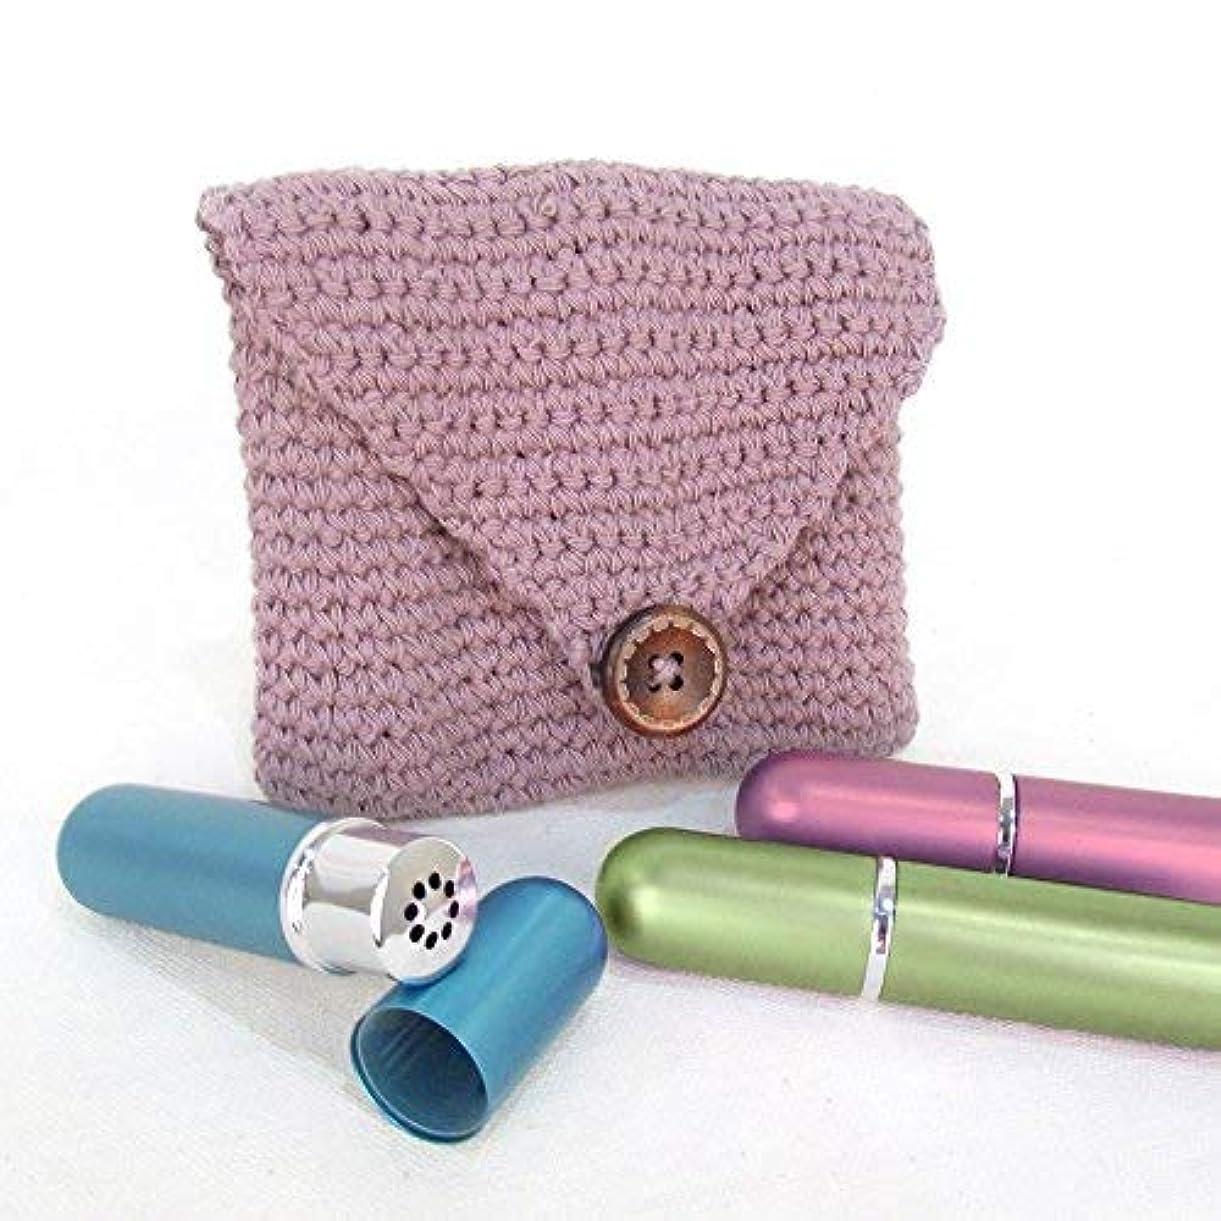 キャンディー複製する司教Purple Crochet Case and 3 Empty Essential Oil Aluminum and Glass Refillable Inhalers by Rivertree Life [並行輸入品]